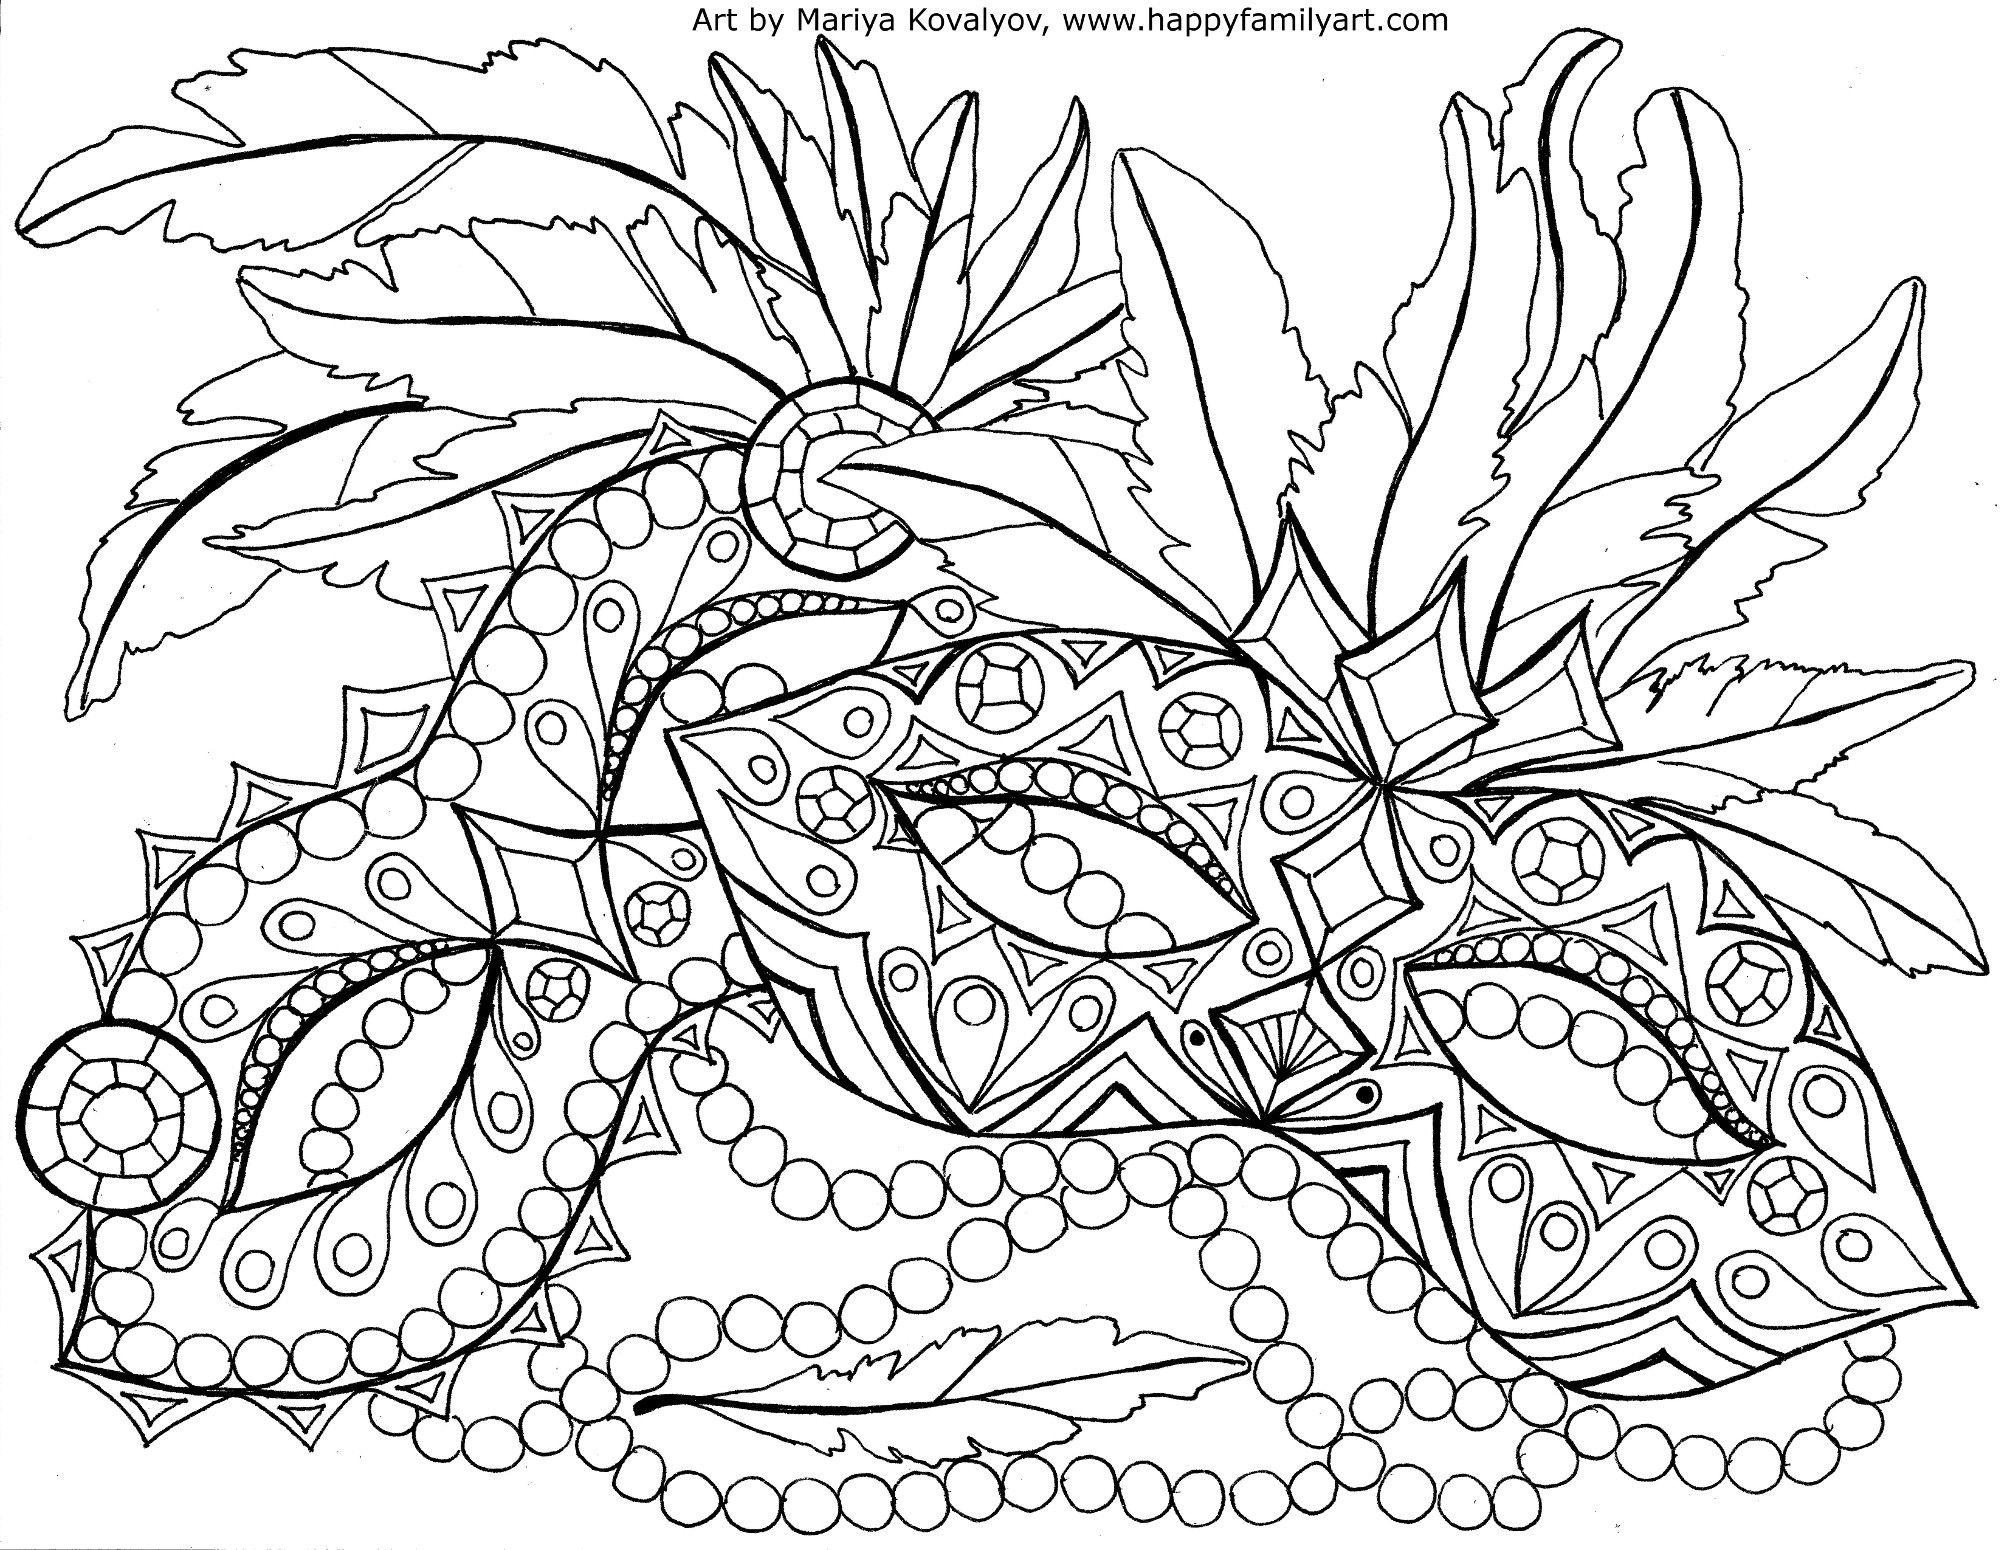 Happy Family Art Original And Fun Coloring Pages Cool Coloring Pages Coloring Pages Colouring Pages